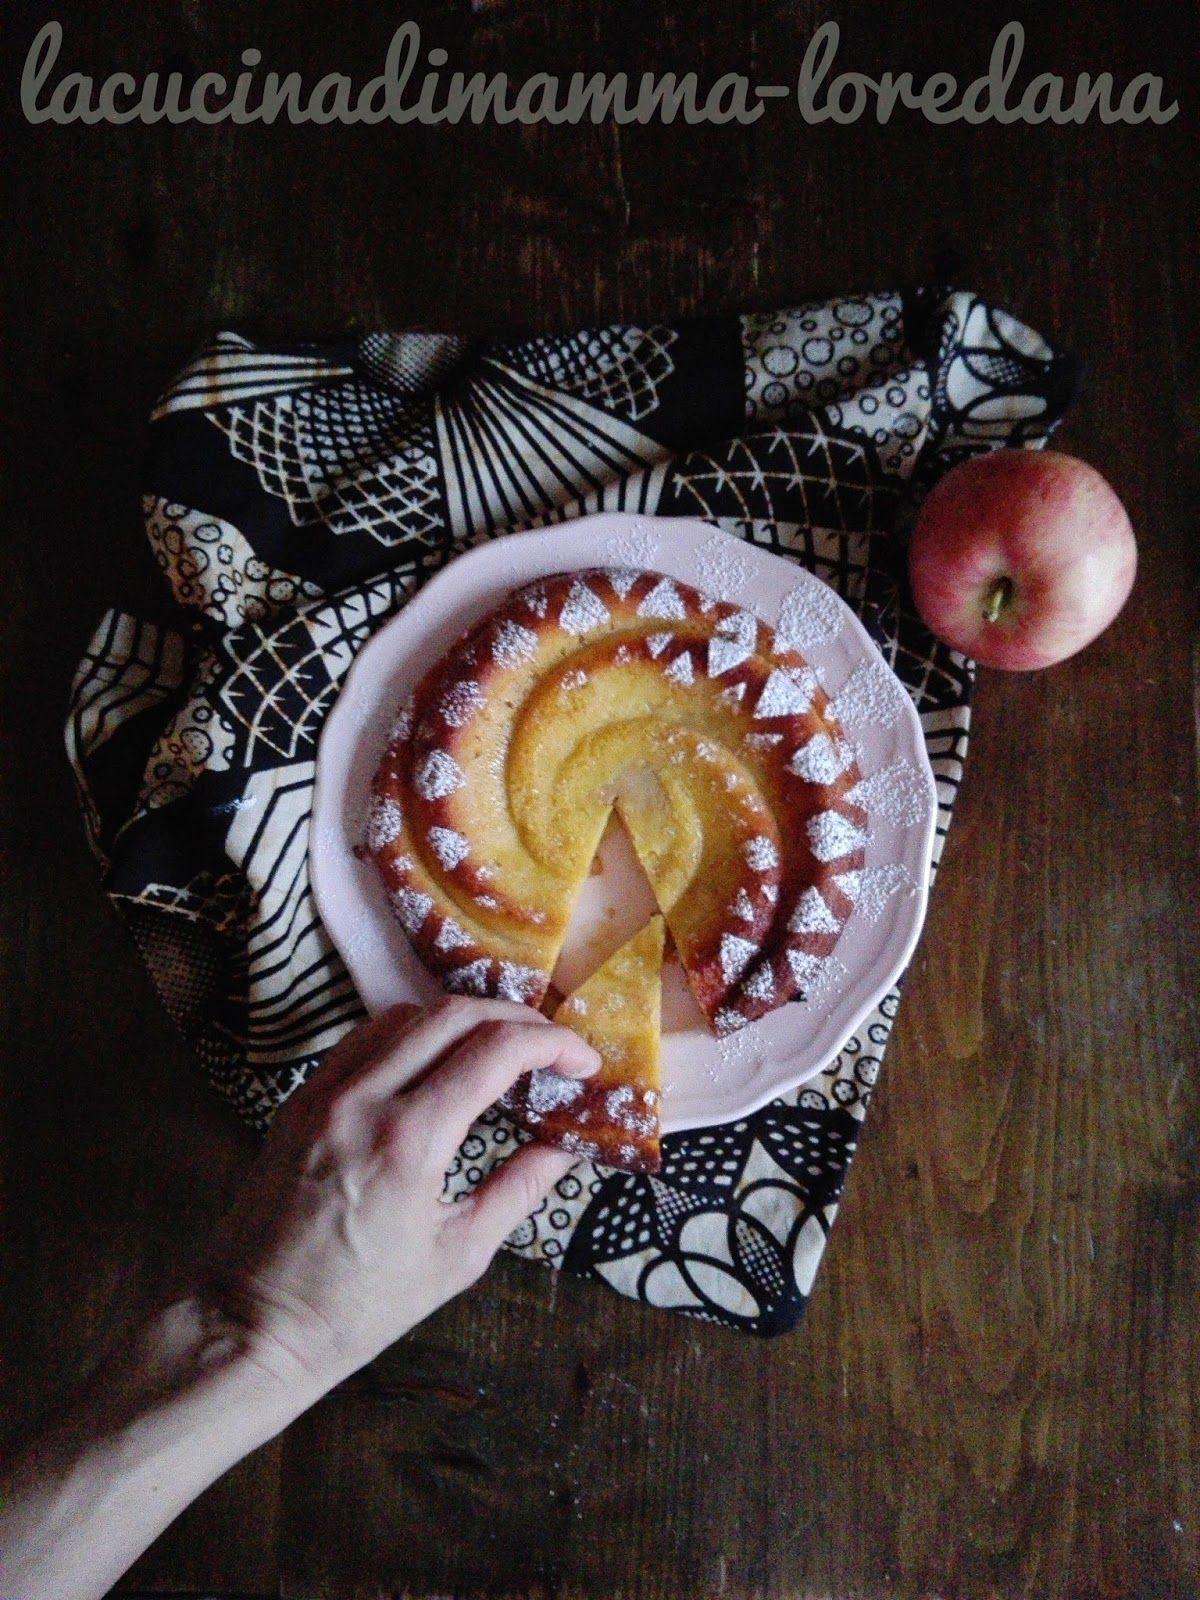 Cara Helga, oggi il minimo che io possa fare é condividere questa tua torta di mele. Aspettando, magari di riuscire un giorno a sedere allo... #magariungiorno Cara Helga, oggi il minimo che io possa fare é condividere questa tua torta di mele. Aspettando, magari di riuscire un giorno a sedere allo... #magariungiorno Cara Helga, oggi il minimo che io possa fare é condividere questa tua torta di mele. Aspettando, magari di riuscire un giorno a sedere allo... #magariungiorno Cara Helga, oggi il